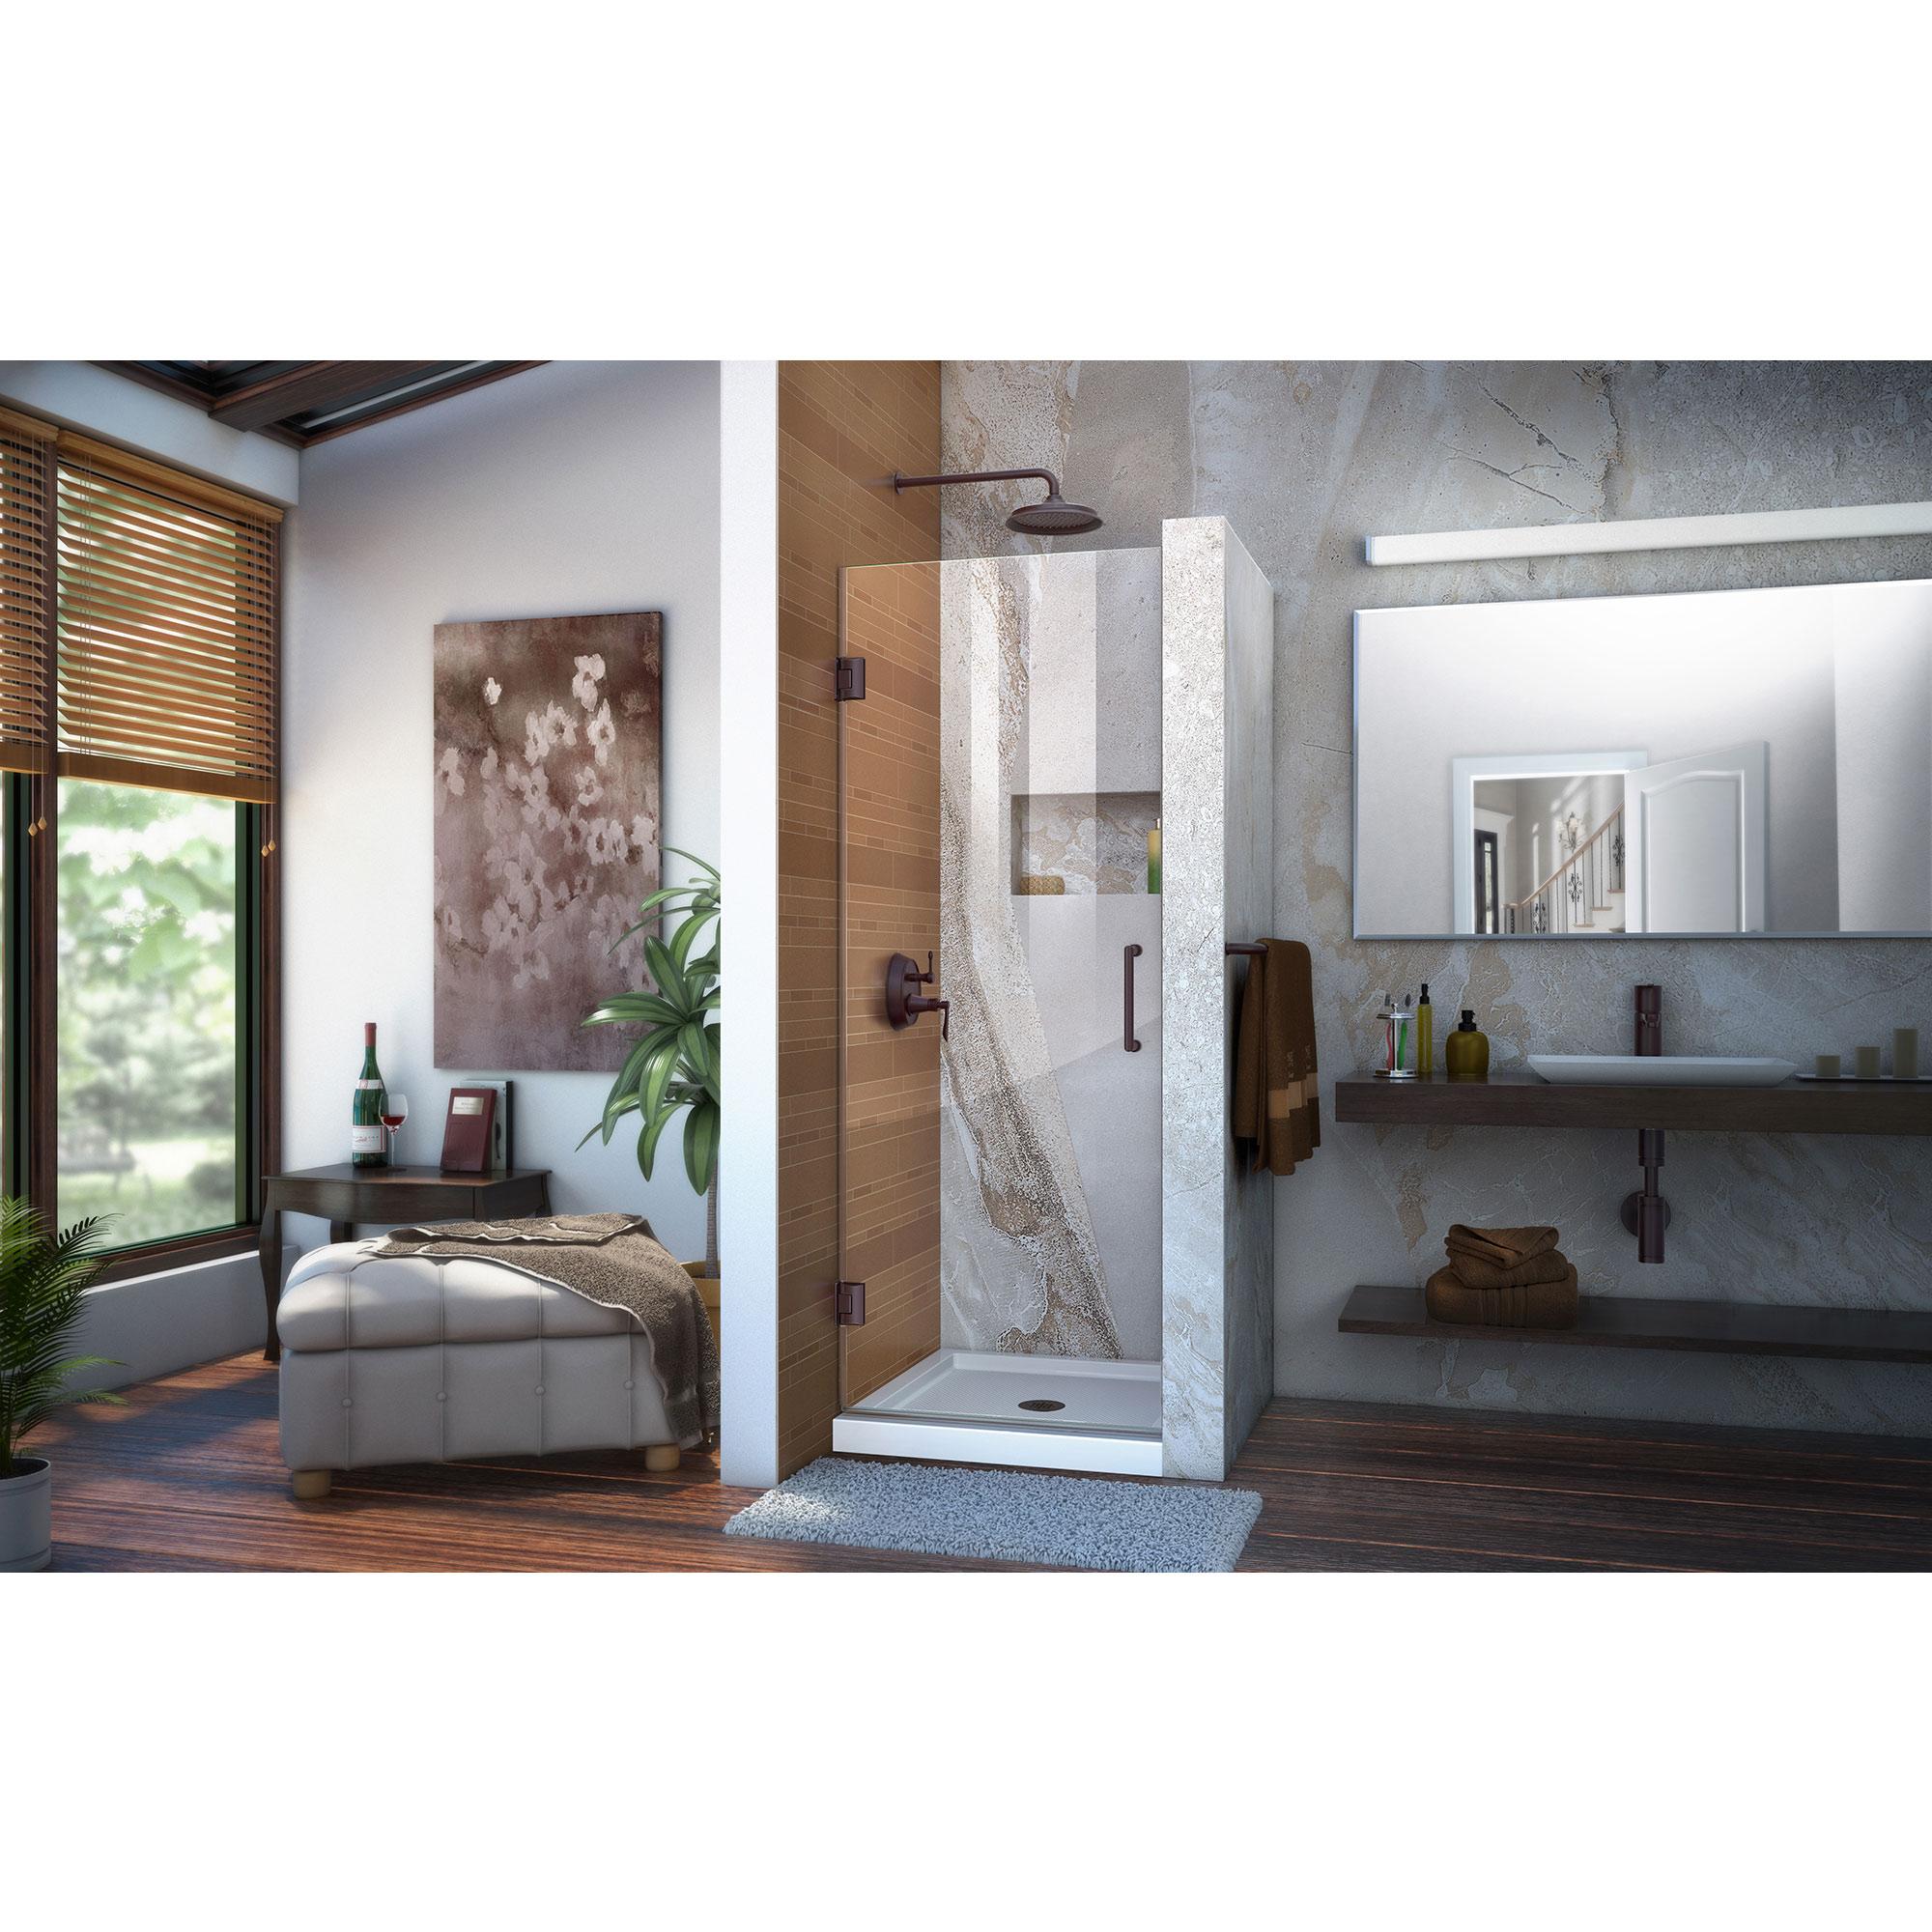 Dreamline Shdr 20247210f 06 Unidoor 24 Frameless Shower